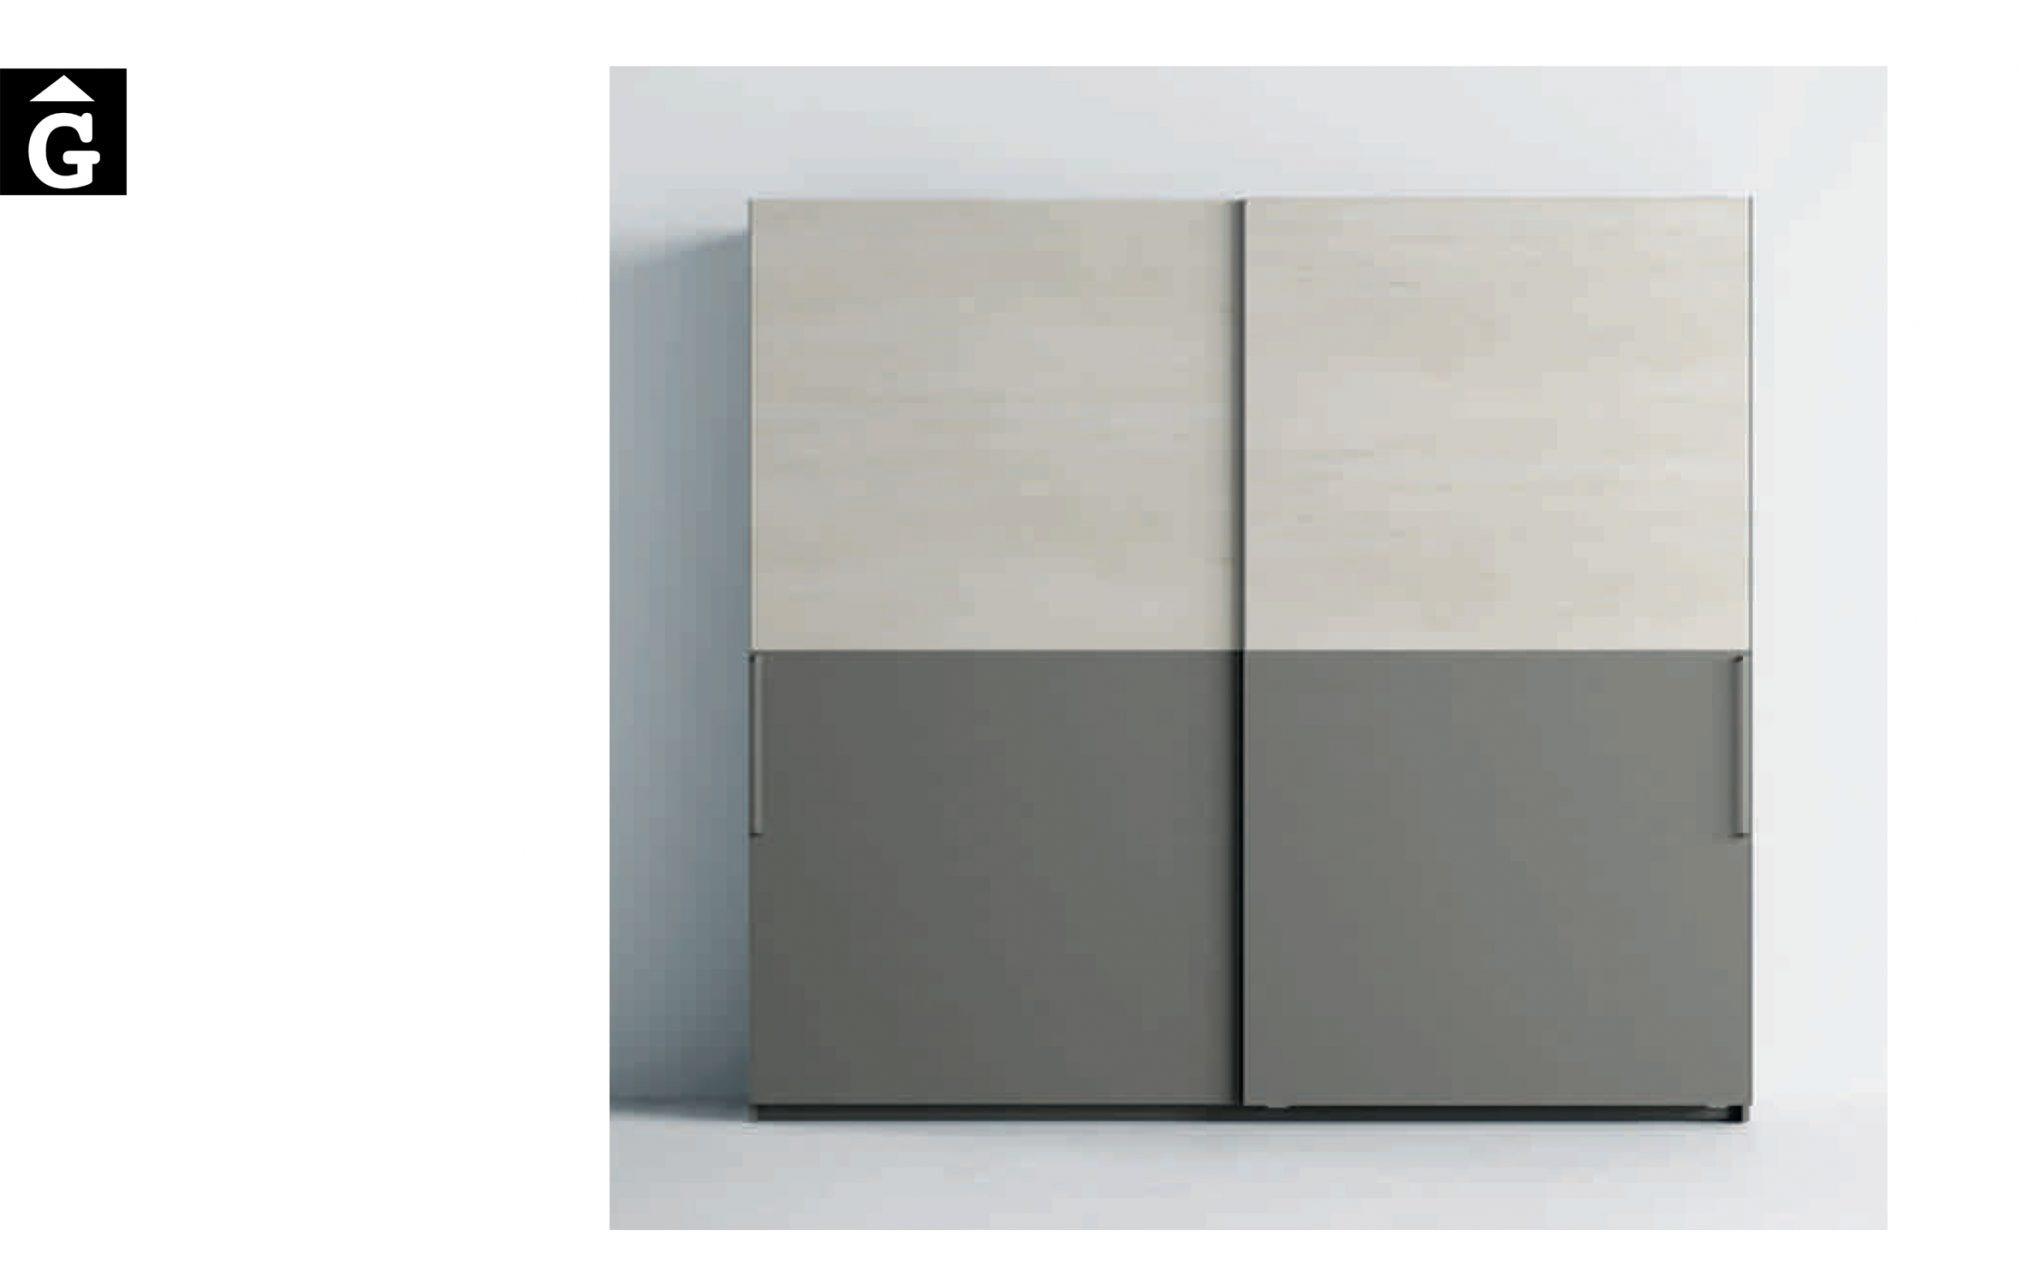 Lagrama armari 2 Portes correderes Horizon by Mobles GIFREU Girona modern qualitat vanguardia minim elegant atemporal